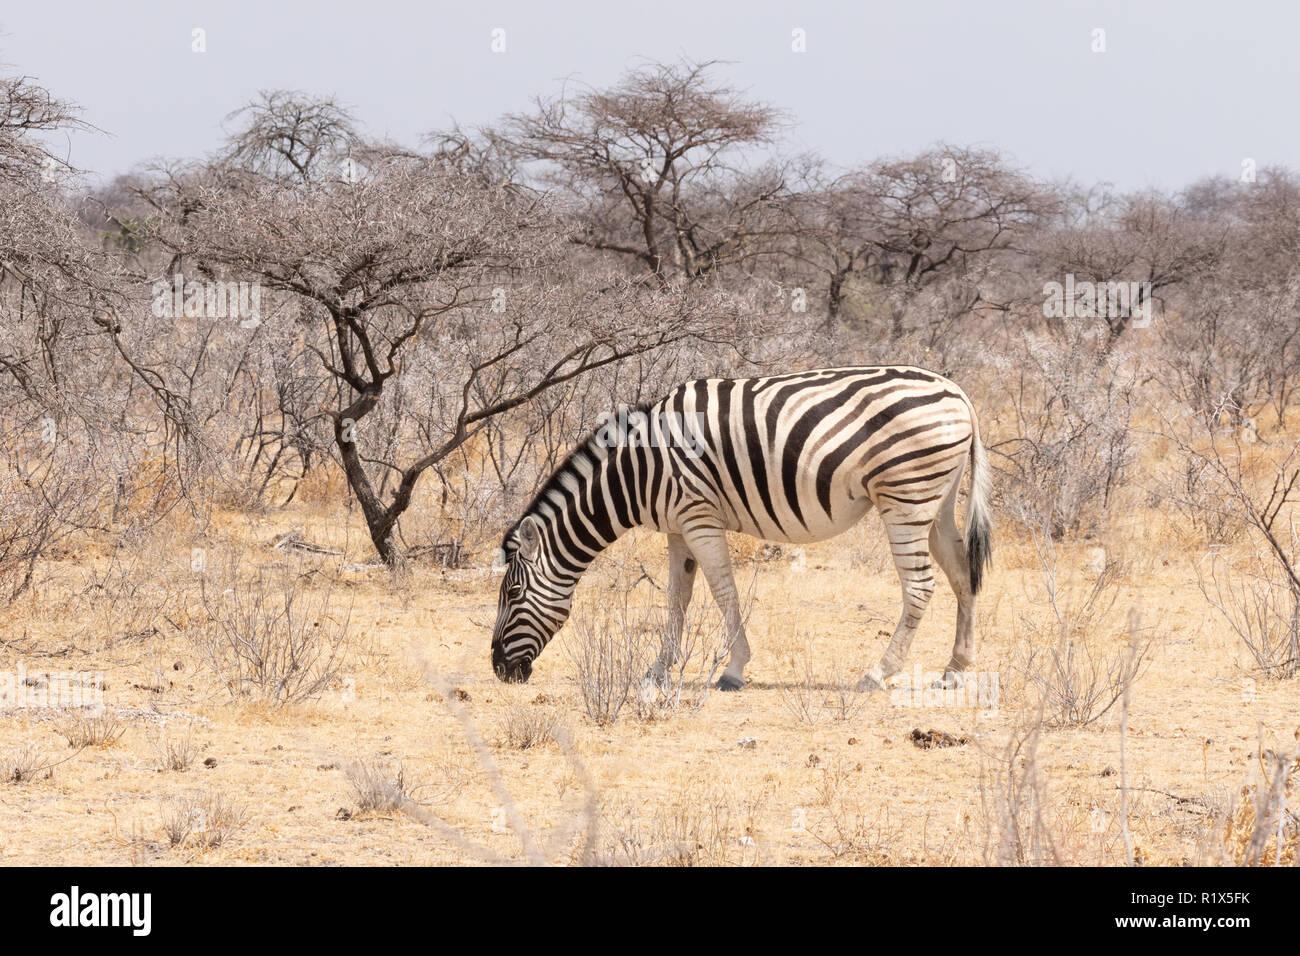 Plains Zebra Equus Quagga, example of namibian wildlife, One adult side view grazing, Etosha National Park, Namibia Africa - Stock Image